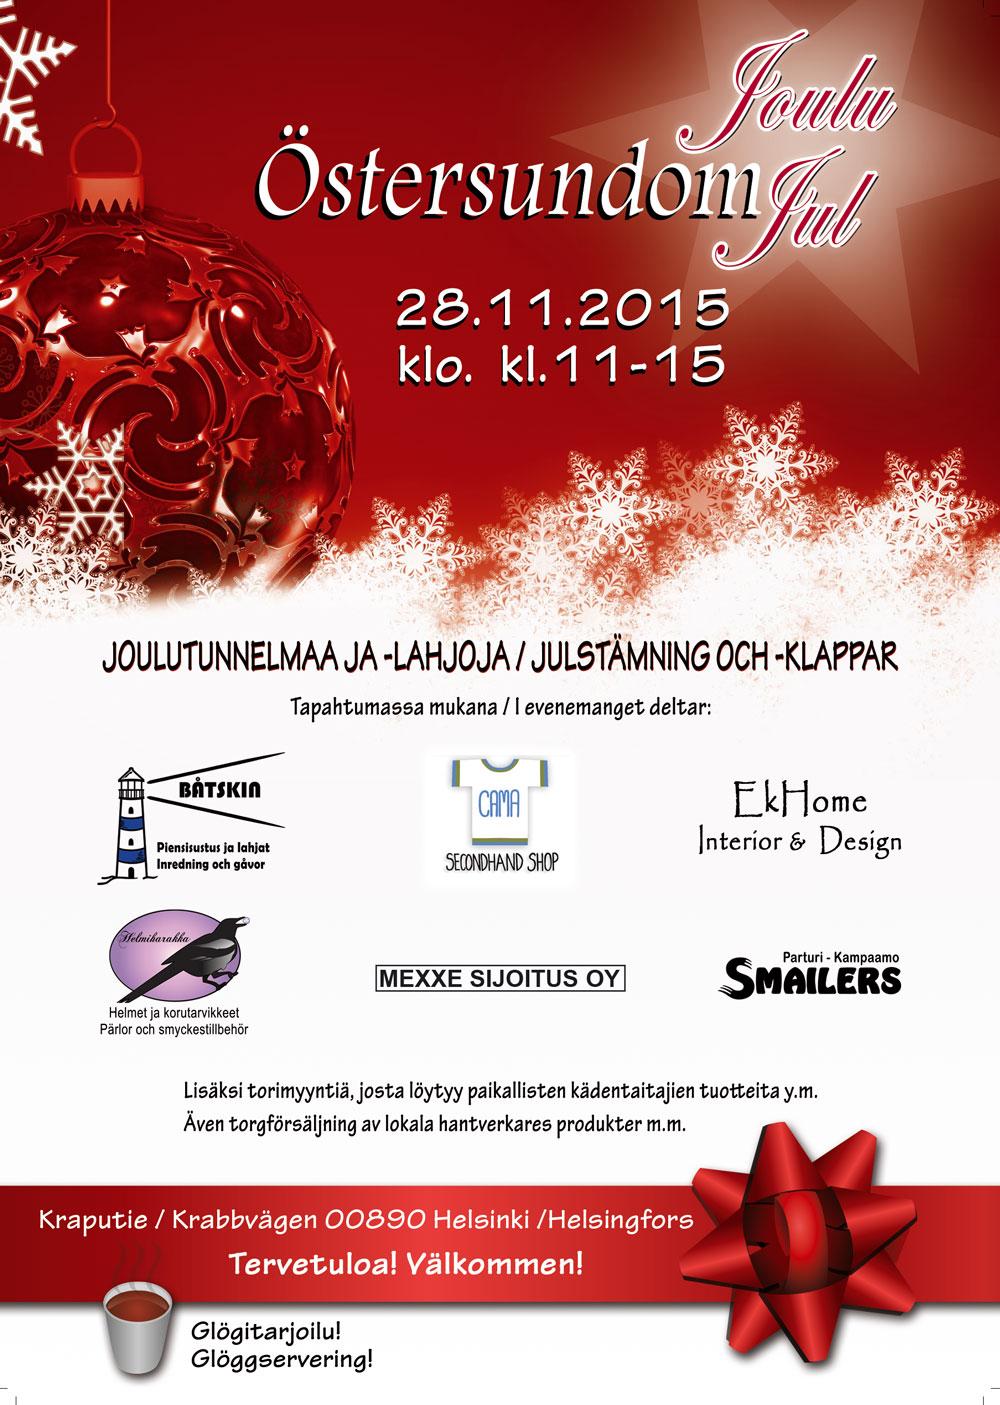 ostersundom_jul_flyer